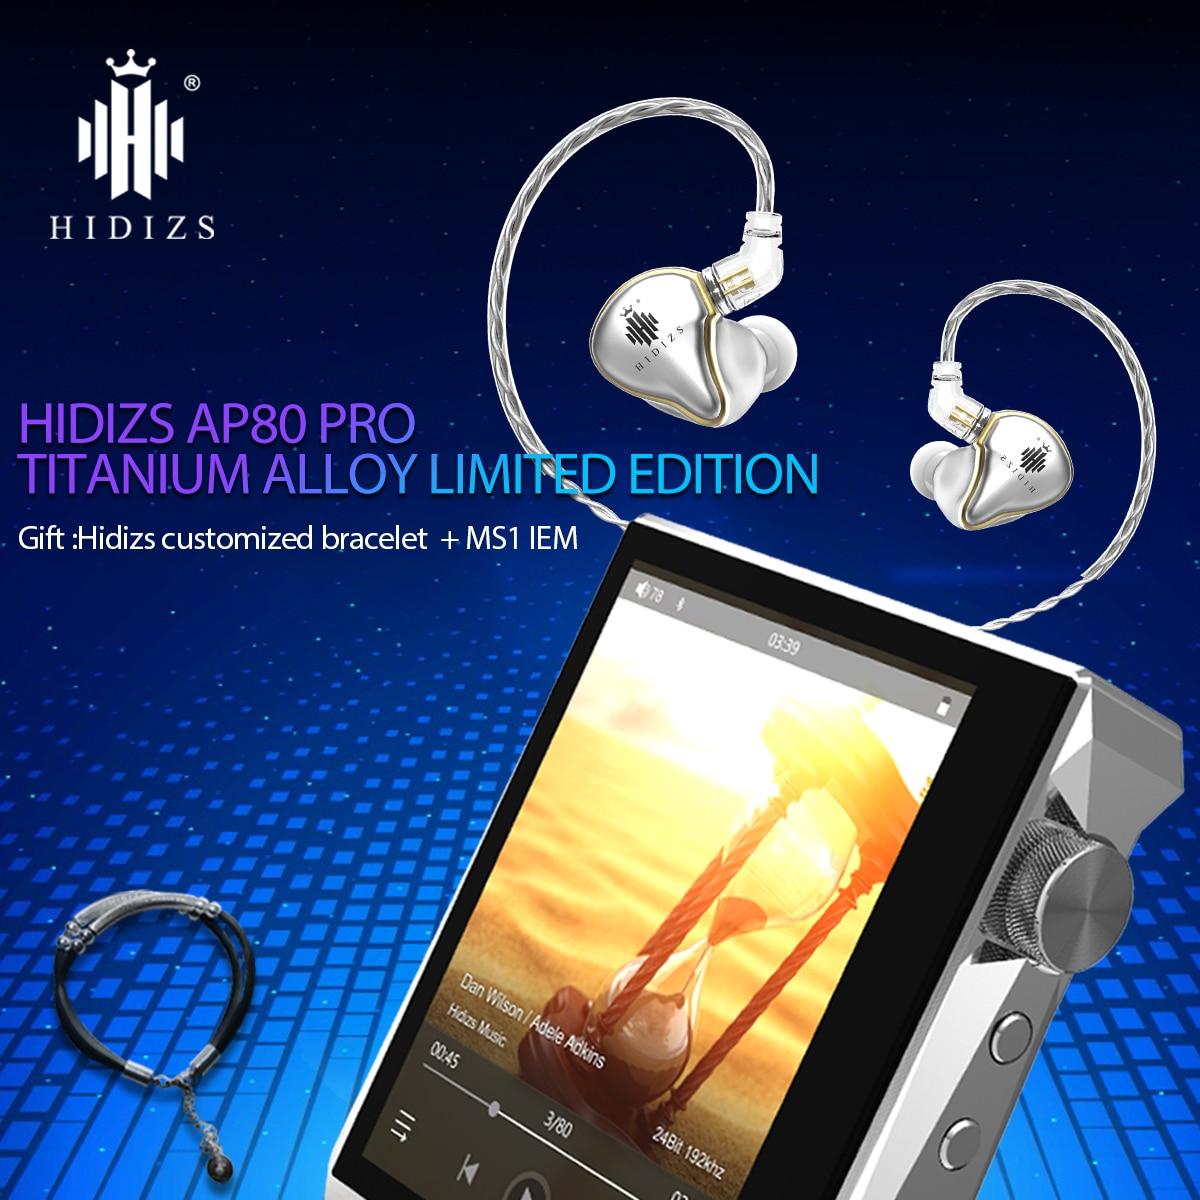 HIDIZS AP80 PRO титановый сплав ограниченный выпуск HiFi MP3 Bluetooth музыкальный плеер с FLAC LDAC USB DAC DSD 64/128 FM радио DAP